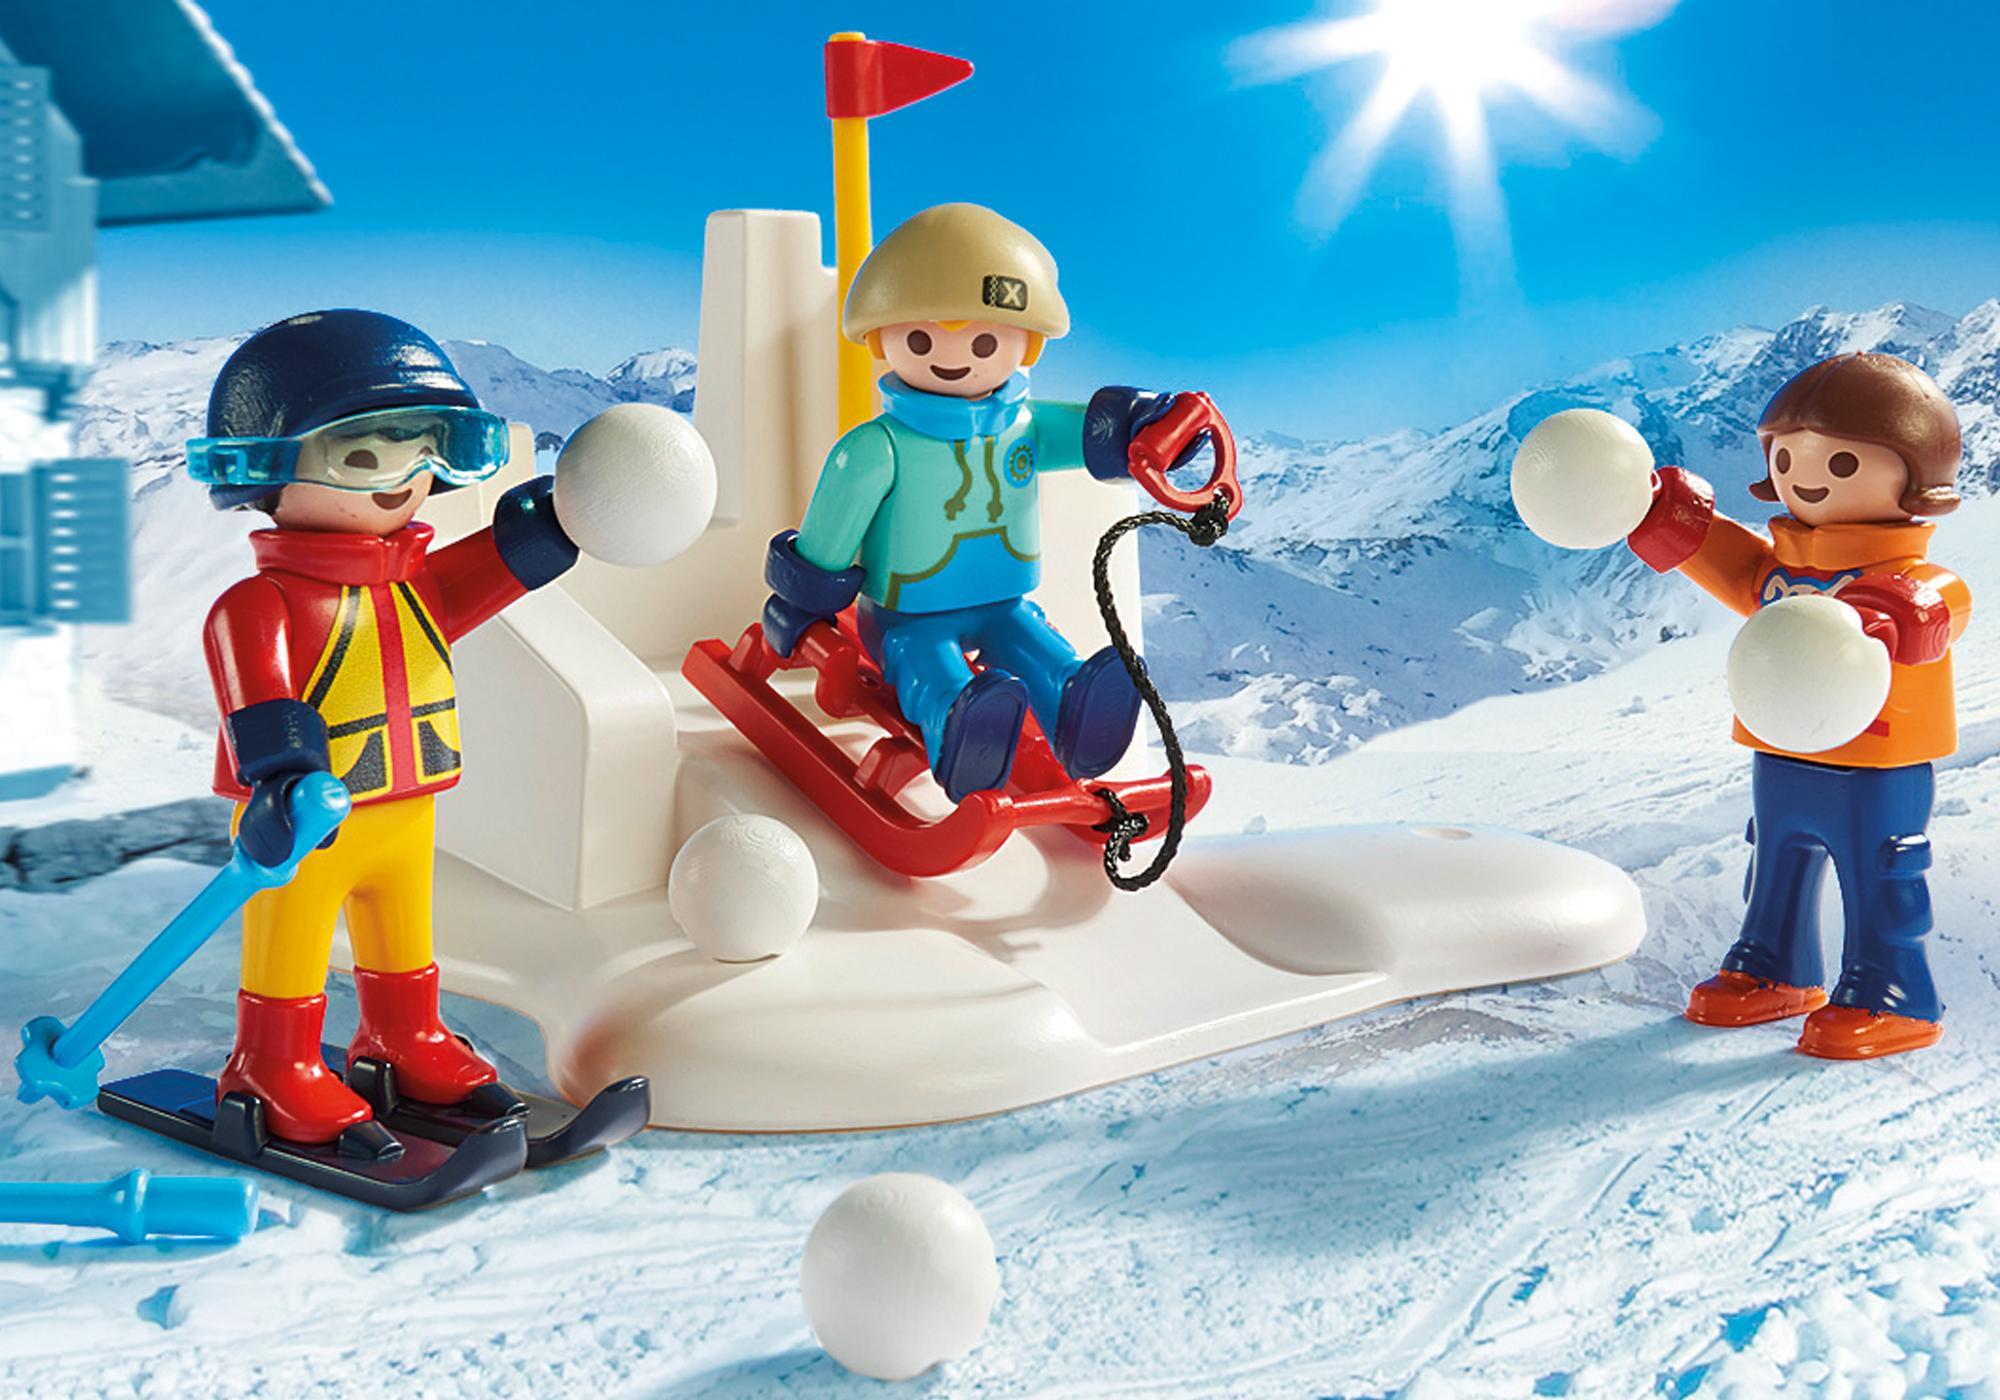 http://media.playmobil.com/i/playmobil/9283_product_extra1/Luta de Bolas de neve